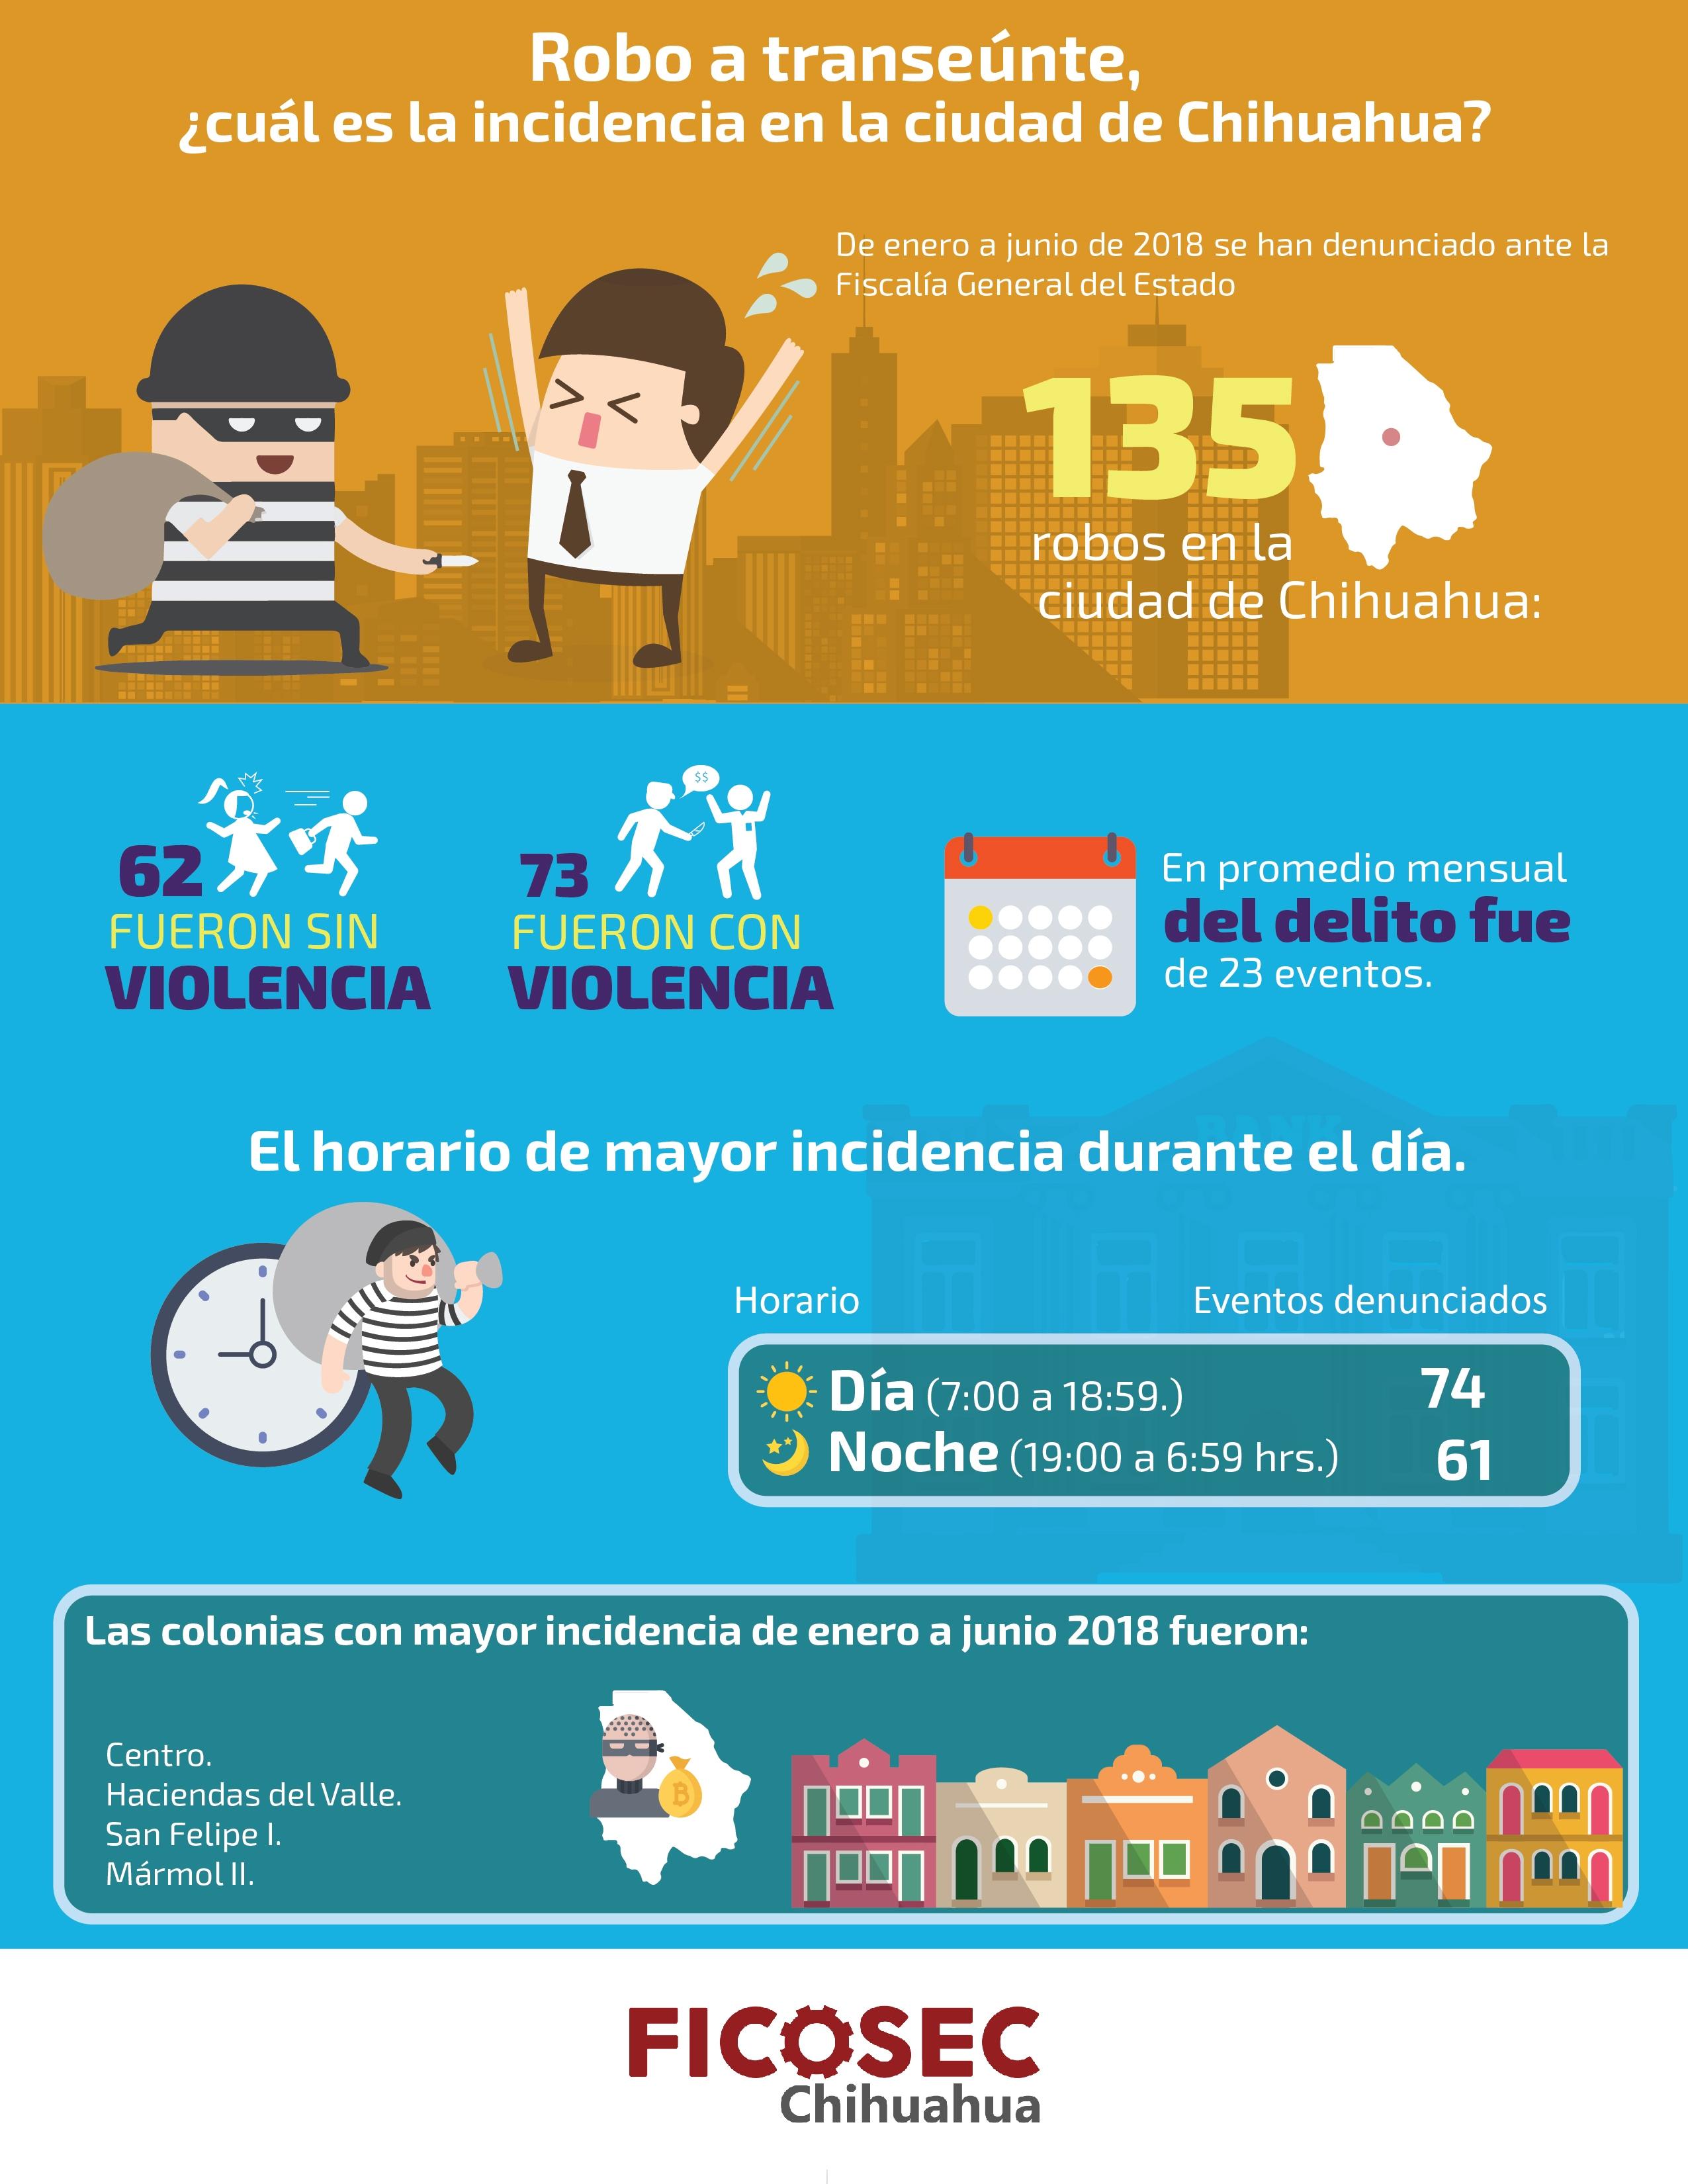 infografia-chihuahua-robos-2